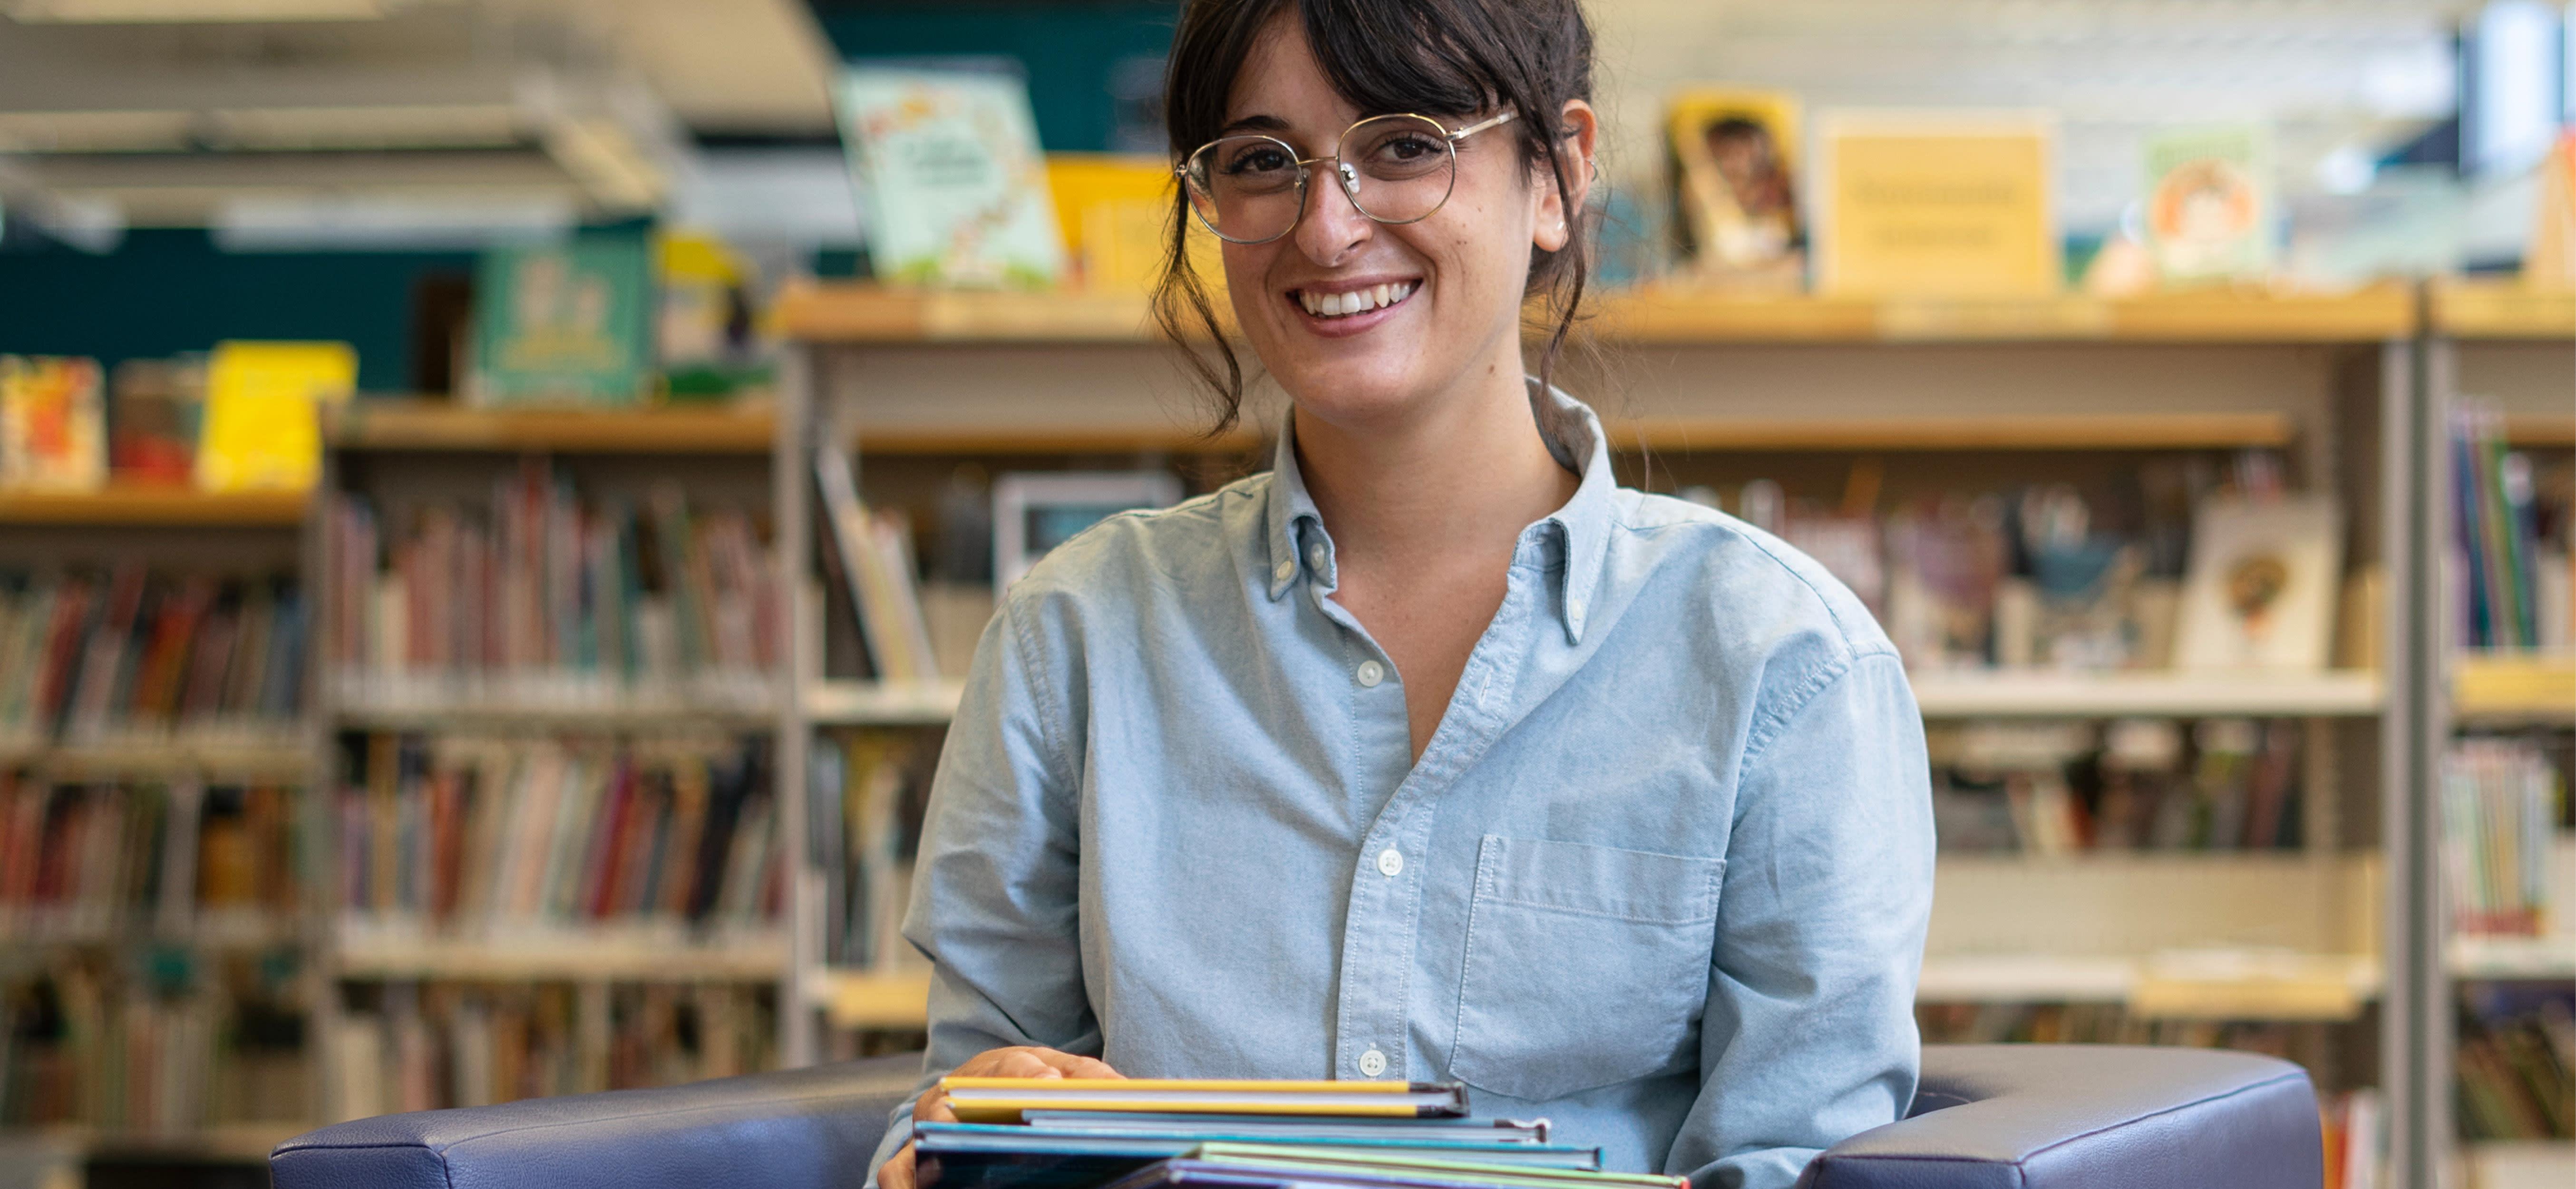 Alexandra Girard est bibliothécaire à la bibliothèque Frontenac dans Ville-Marie